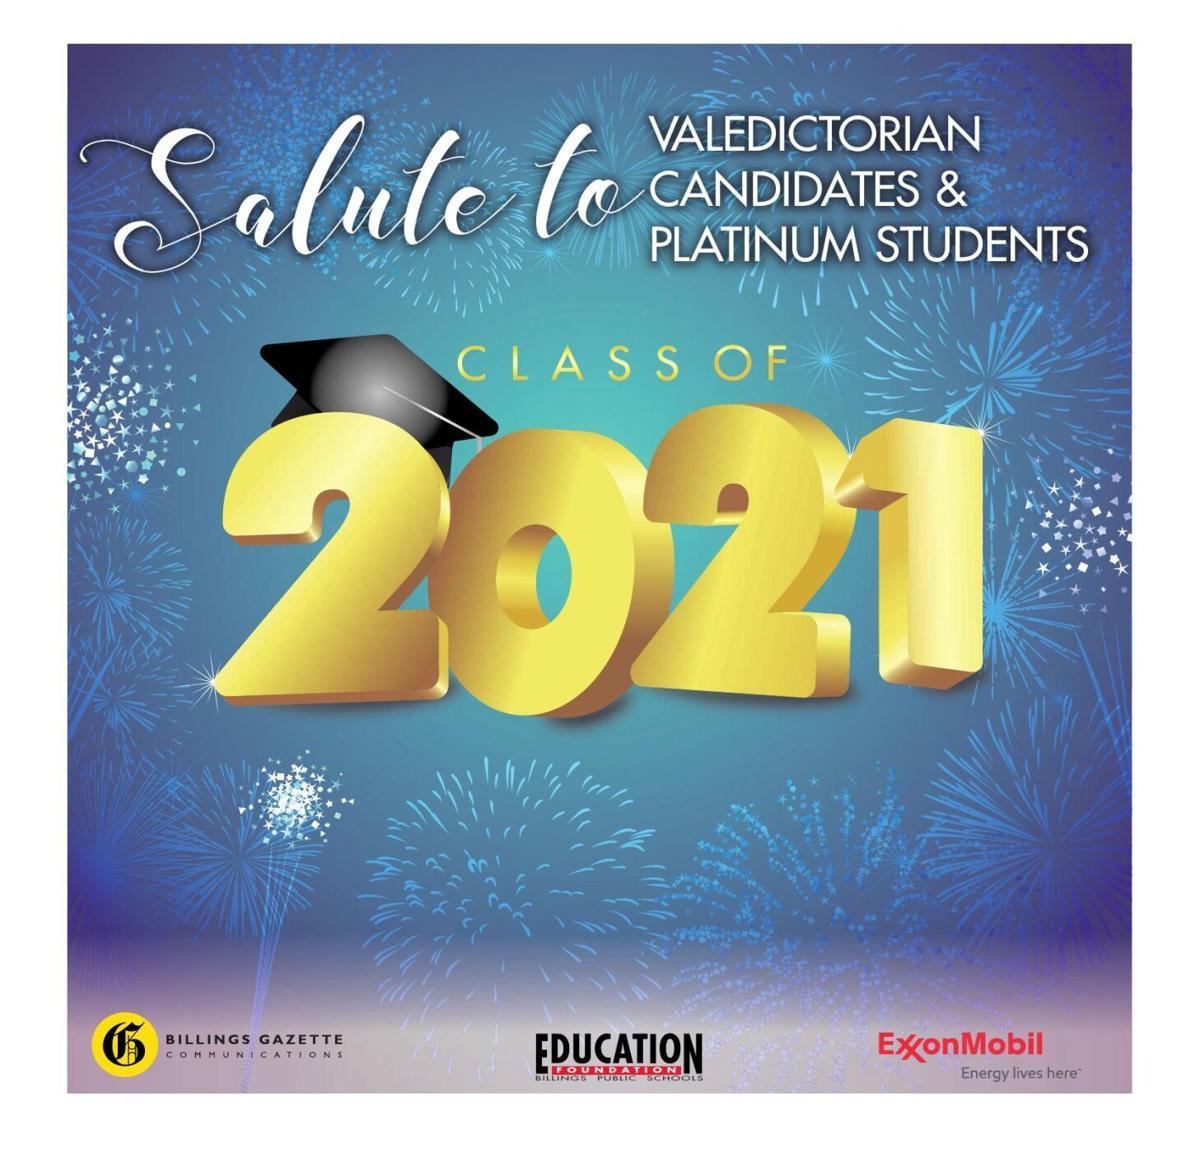 Salute to Valedictorians & Platinum Students 2021